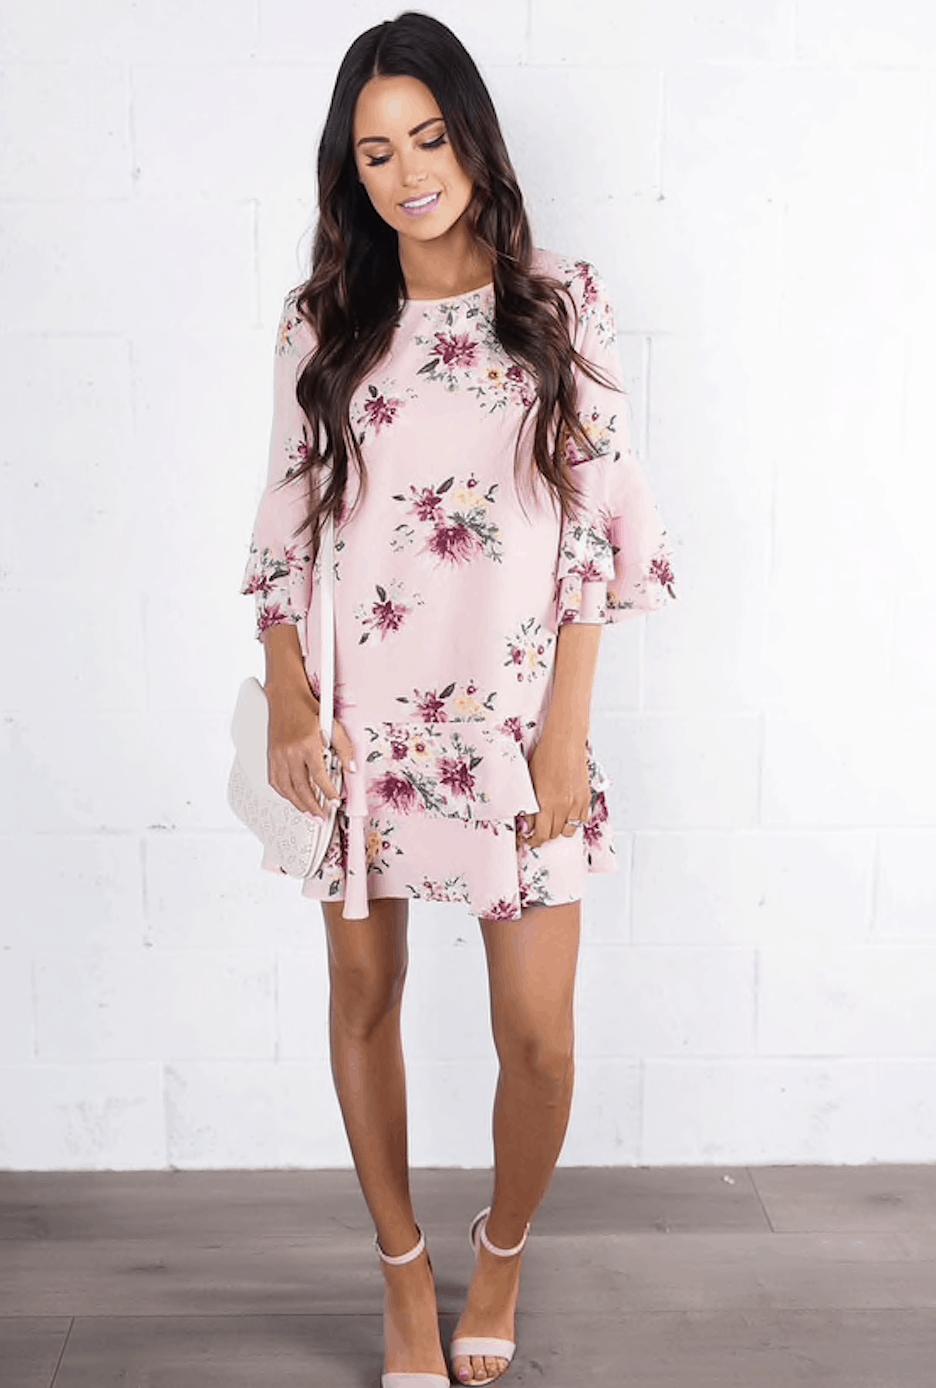 Women's Easter dress Spring 2018